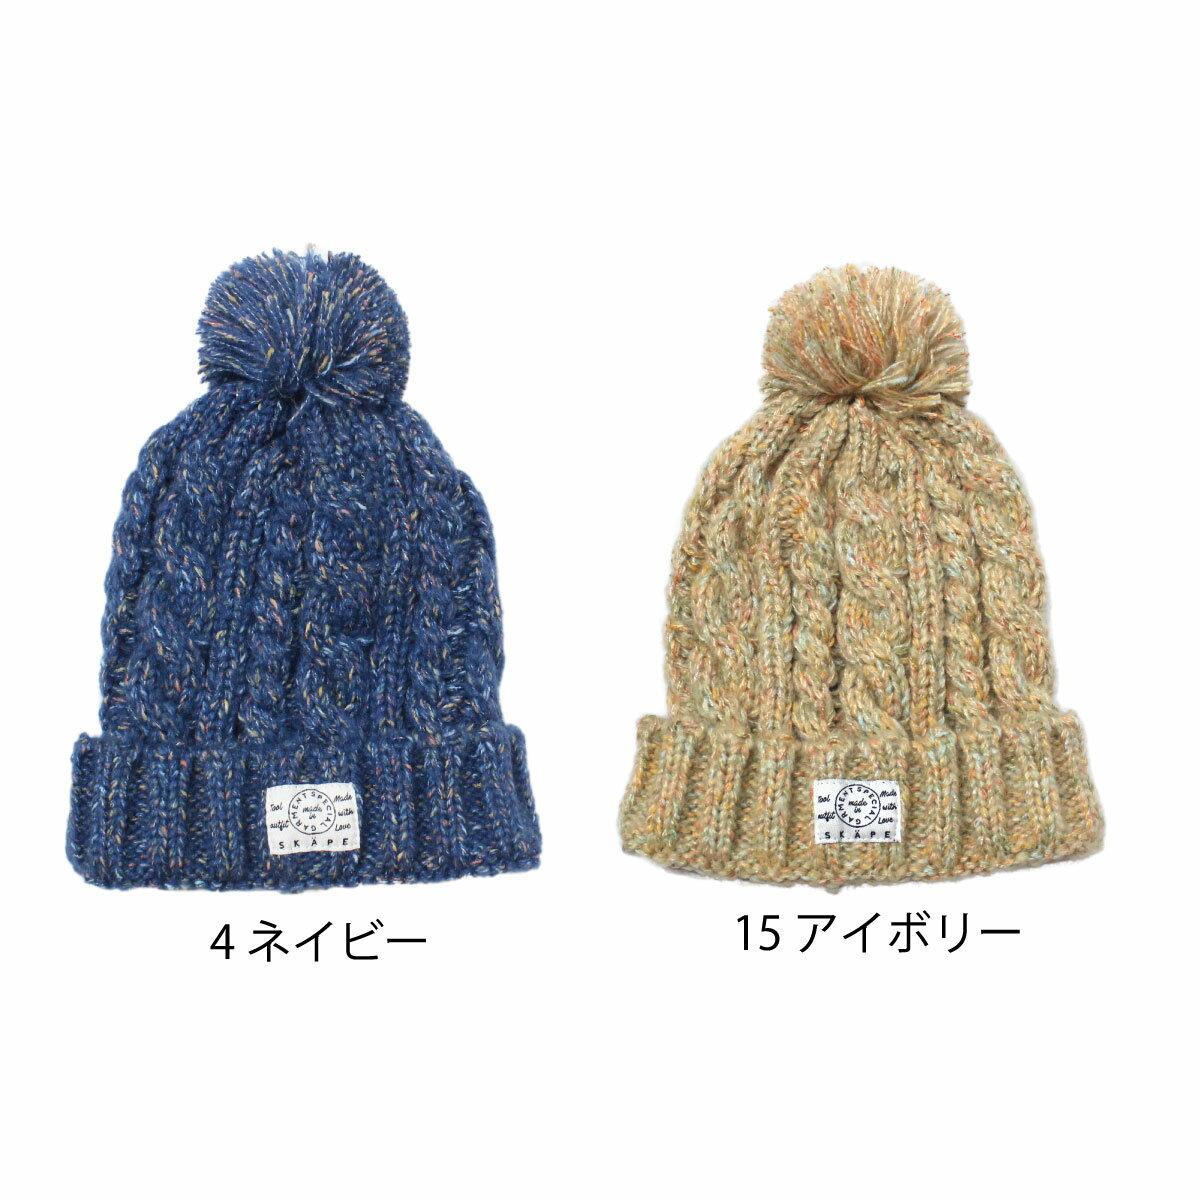 【ネコポス対応】【SiShuNon/SKAPE】カラフルMIX帽子 エスケープ キッズ 帽子 ニット帽 カラフル